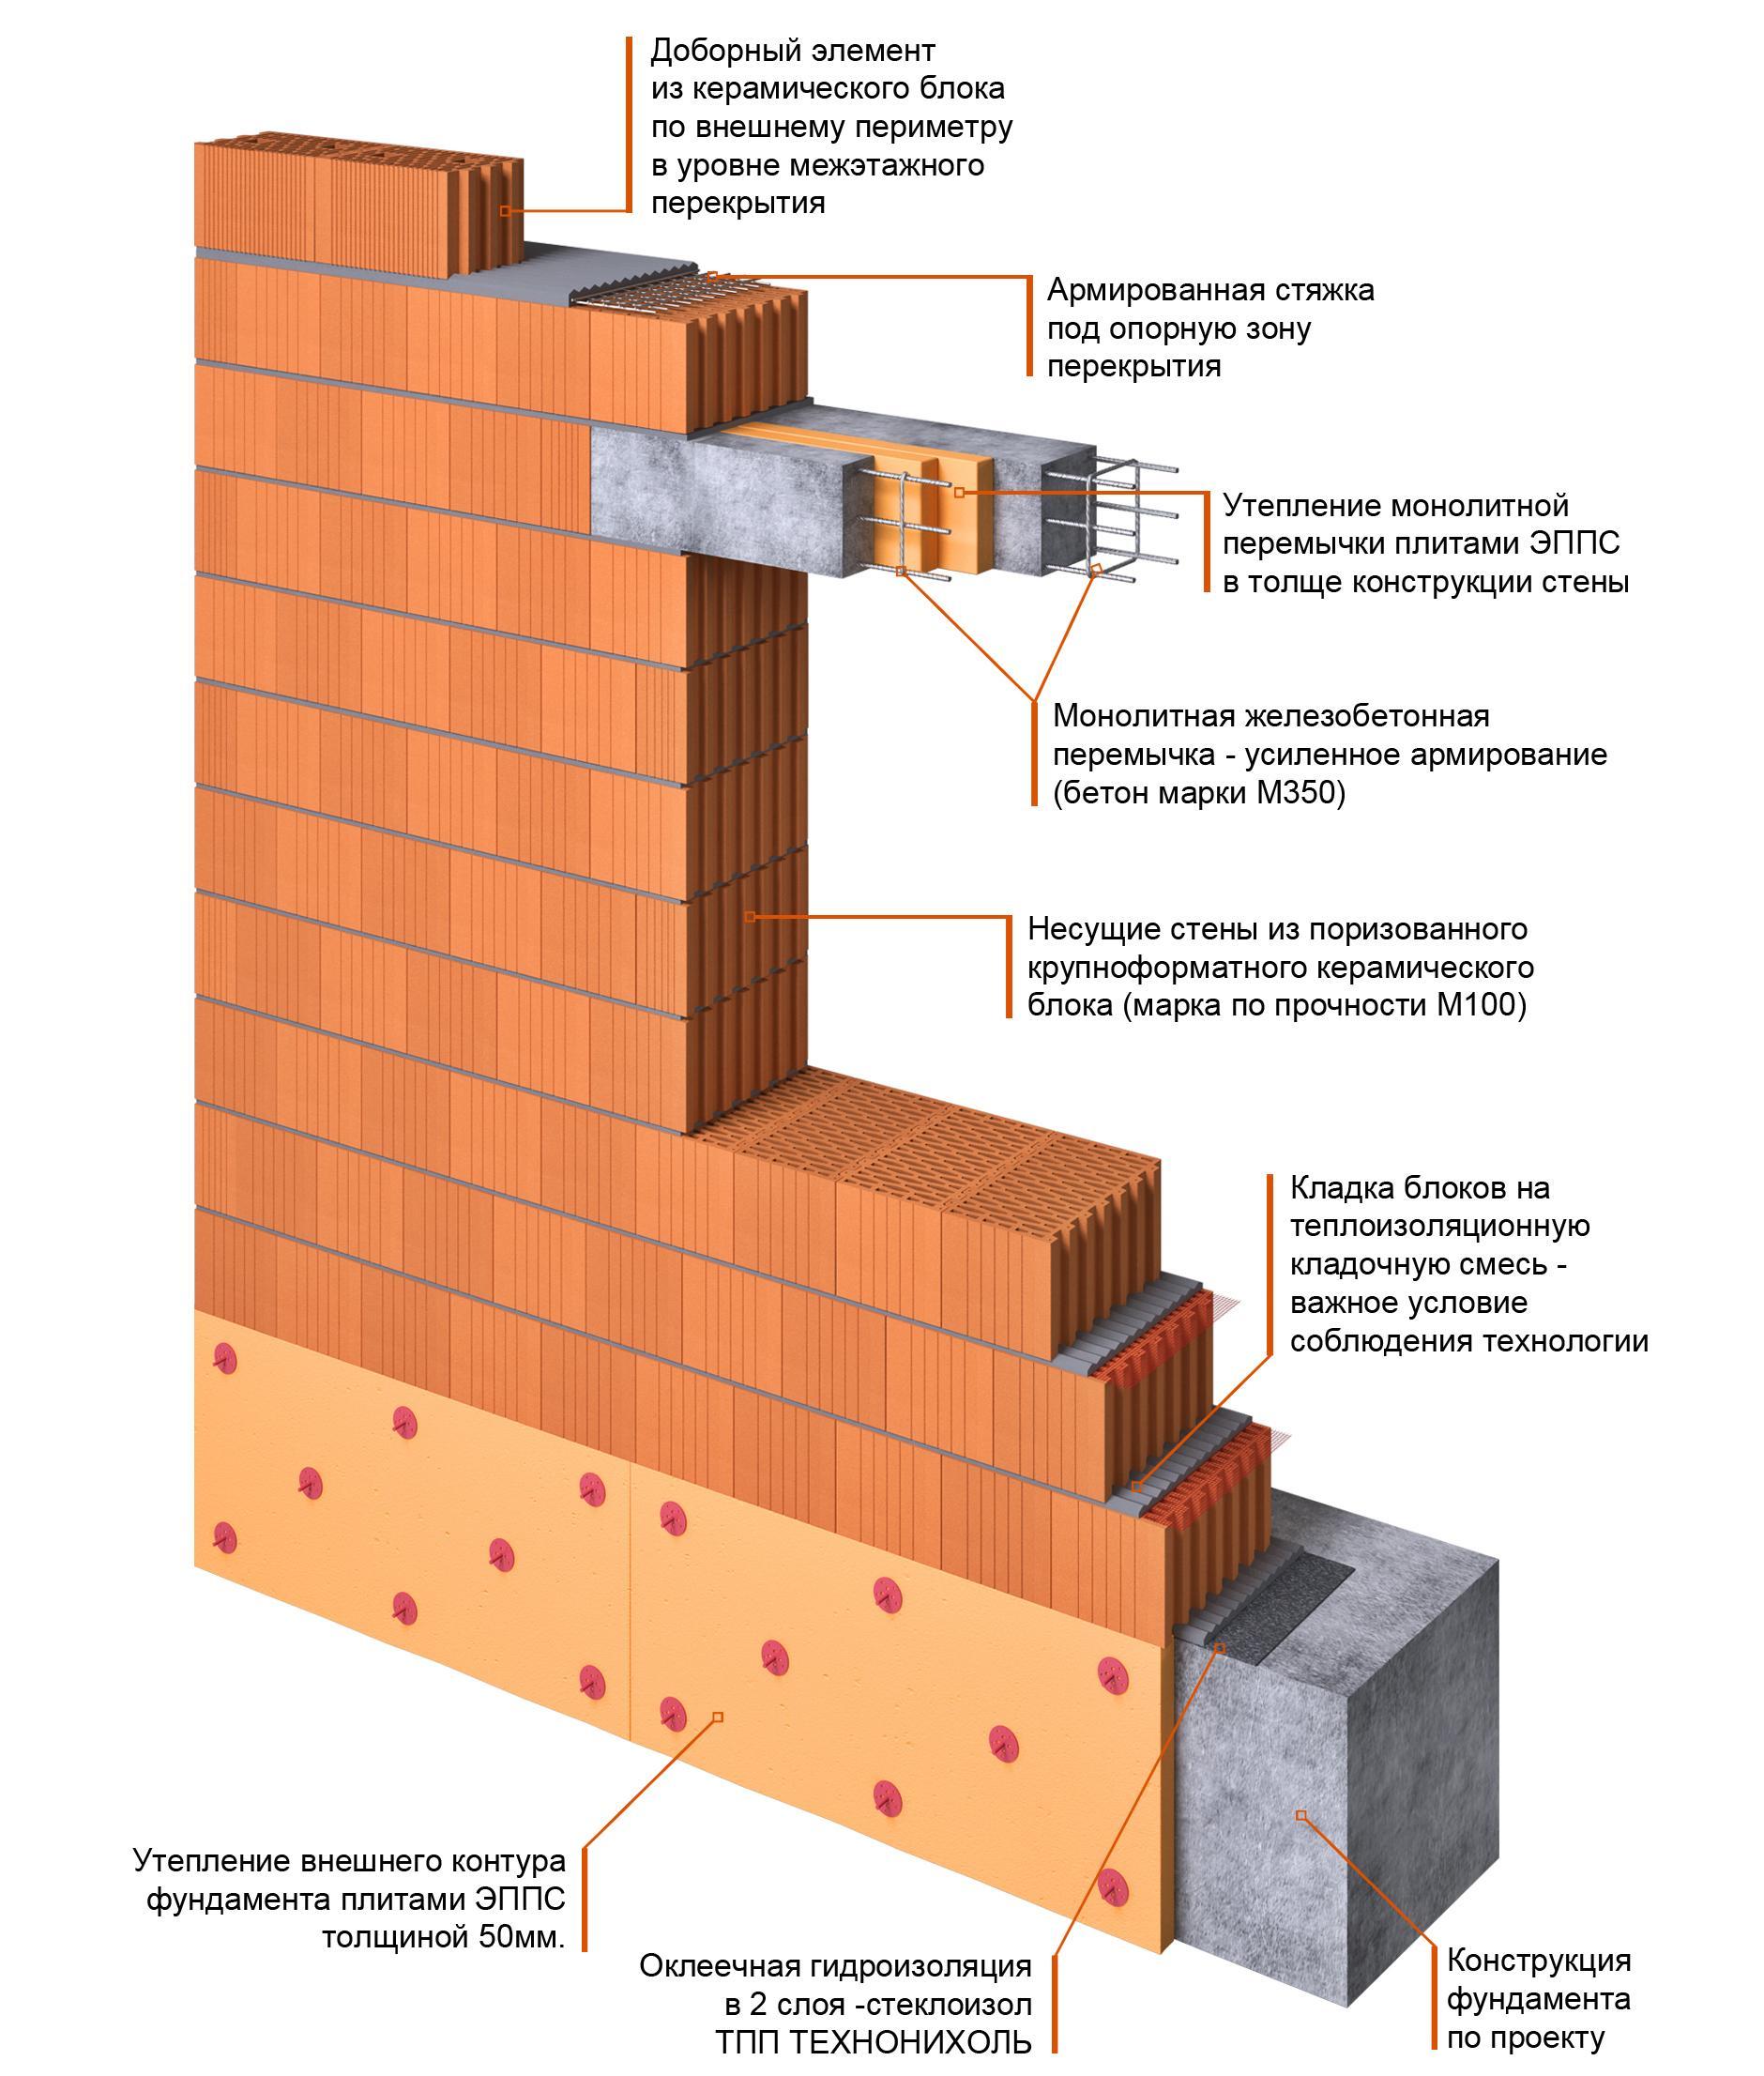 Конструкции несущих стен